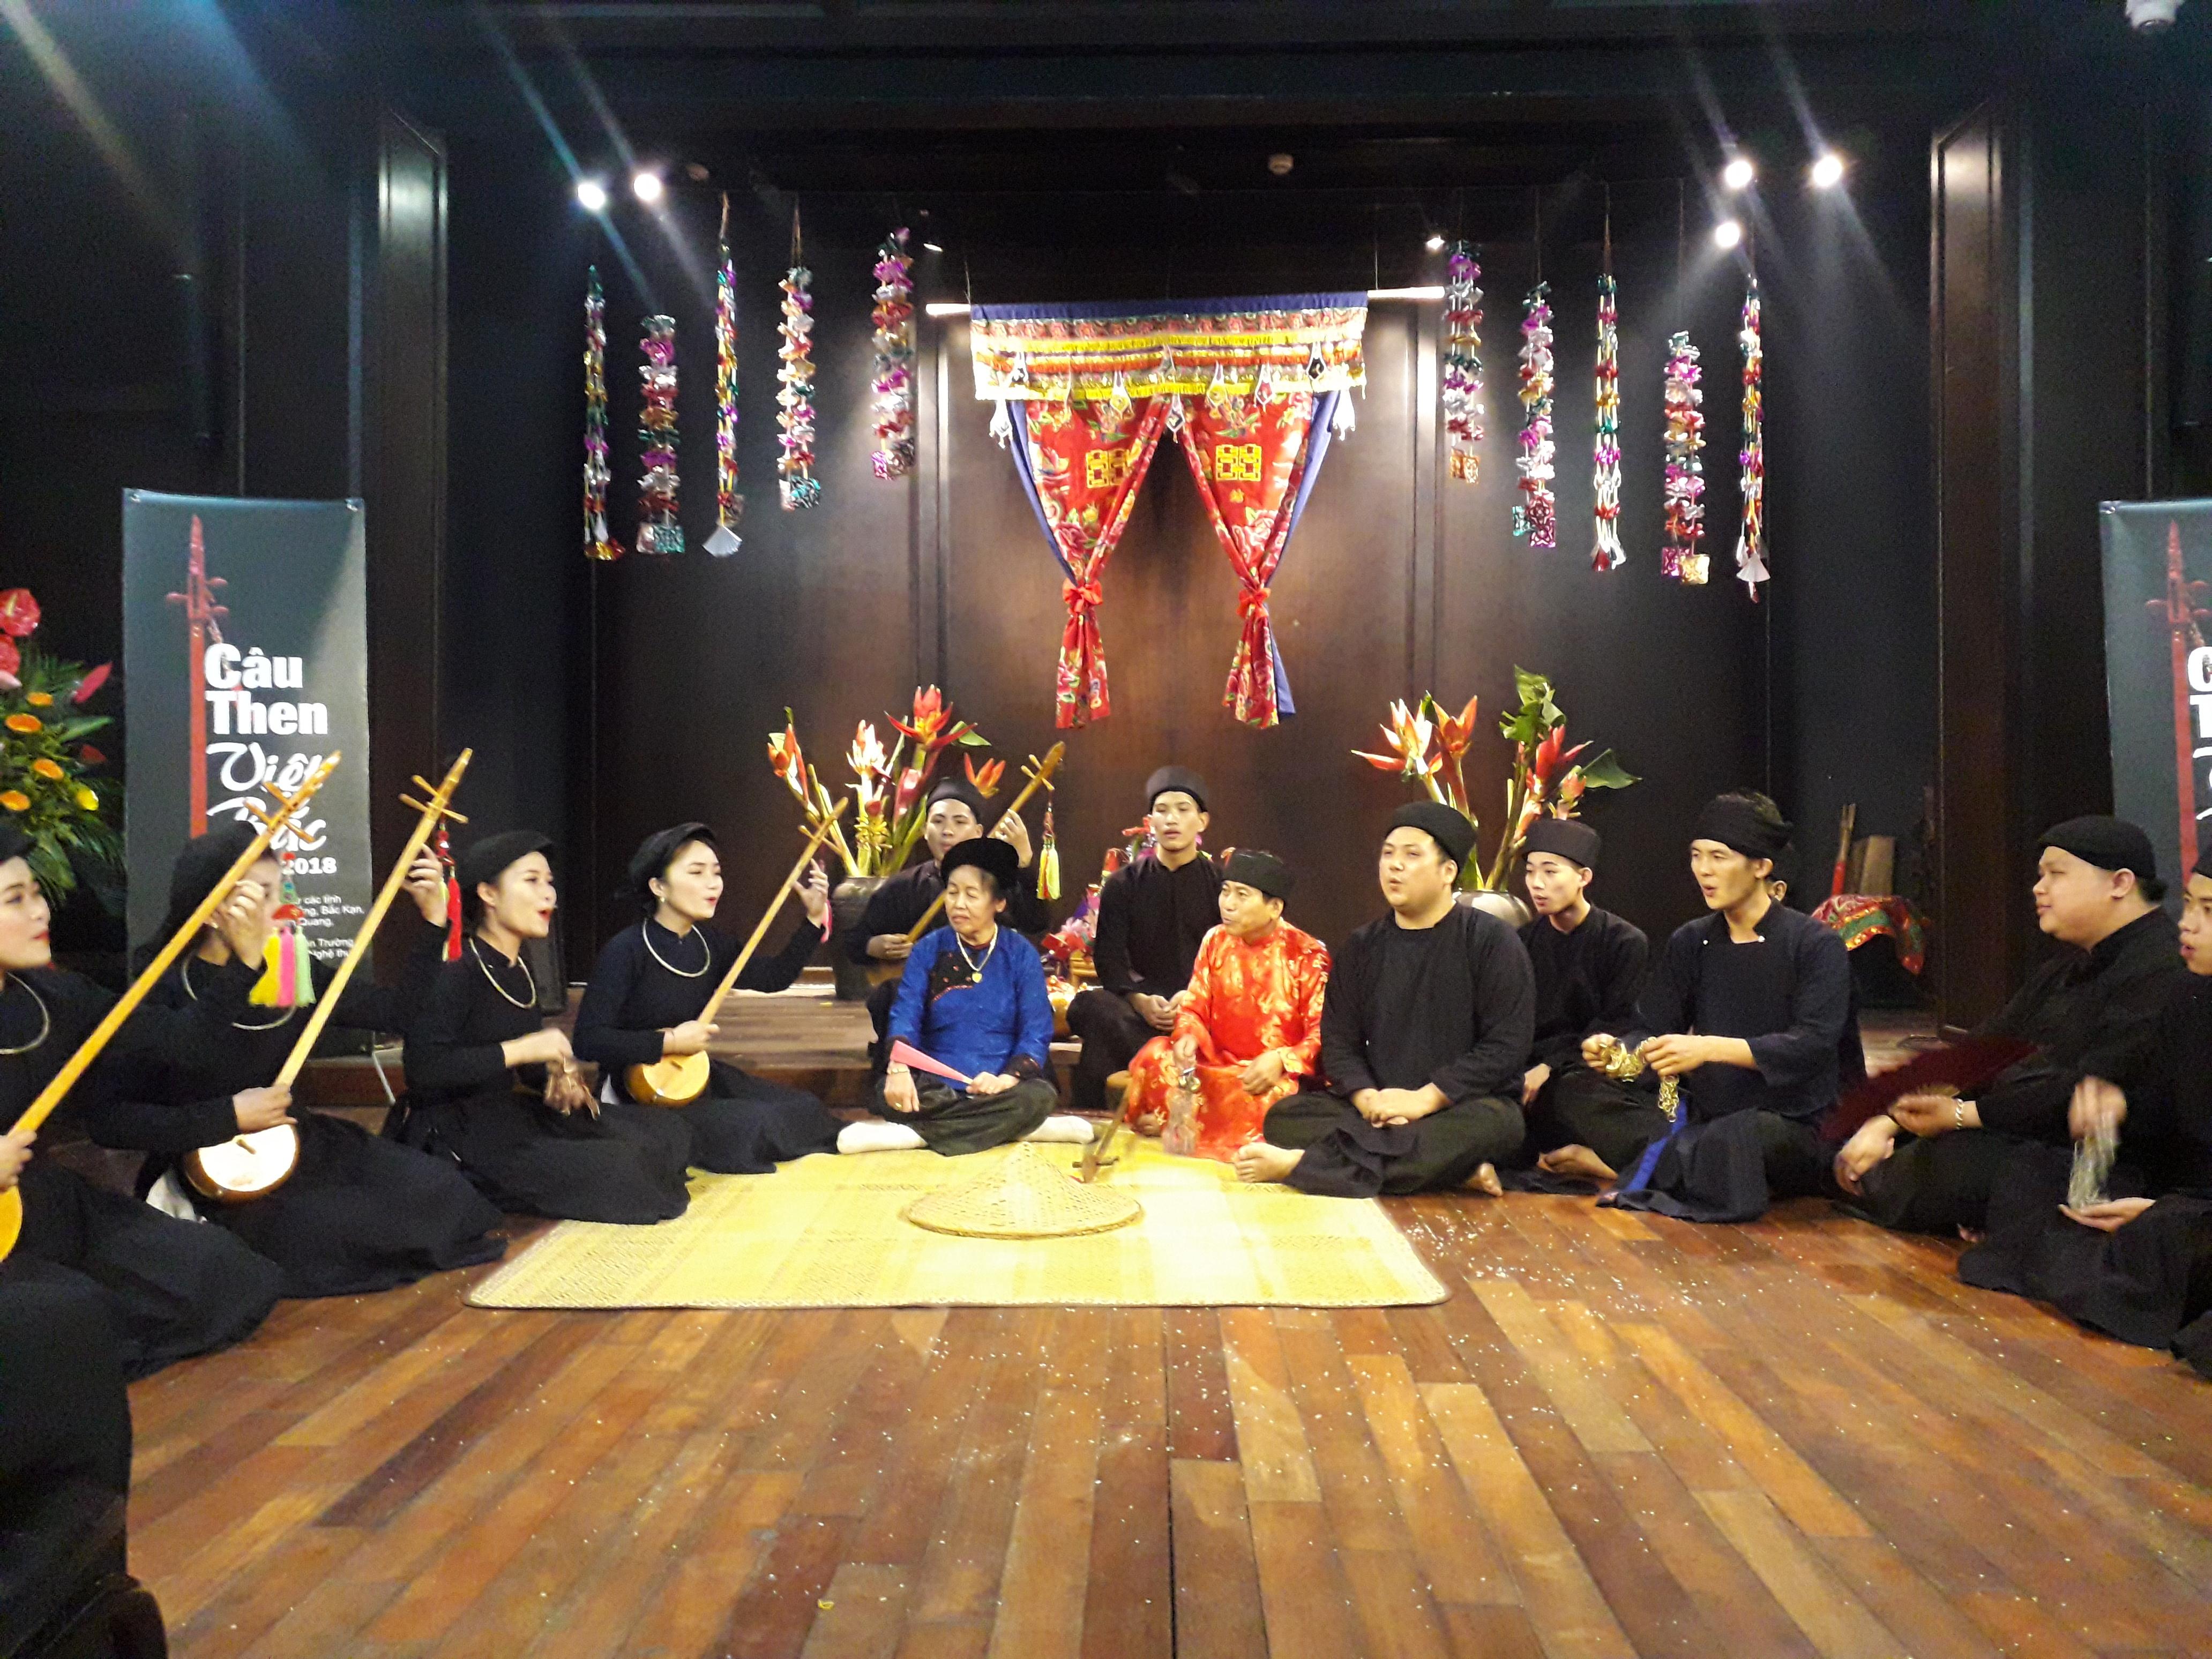 Nghệ nhân Ưu tú Nông Thị Lìm (áo xanh, ngồi giữa) và các để tự thể hiện một trích đoạn Then nghi lễ tại phố cổ- Hà Nội. Ảnh : Ngọc Ánh